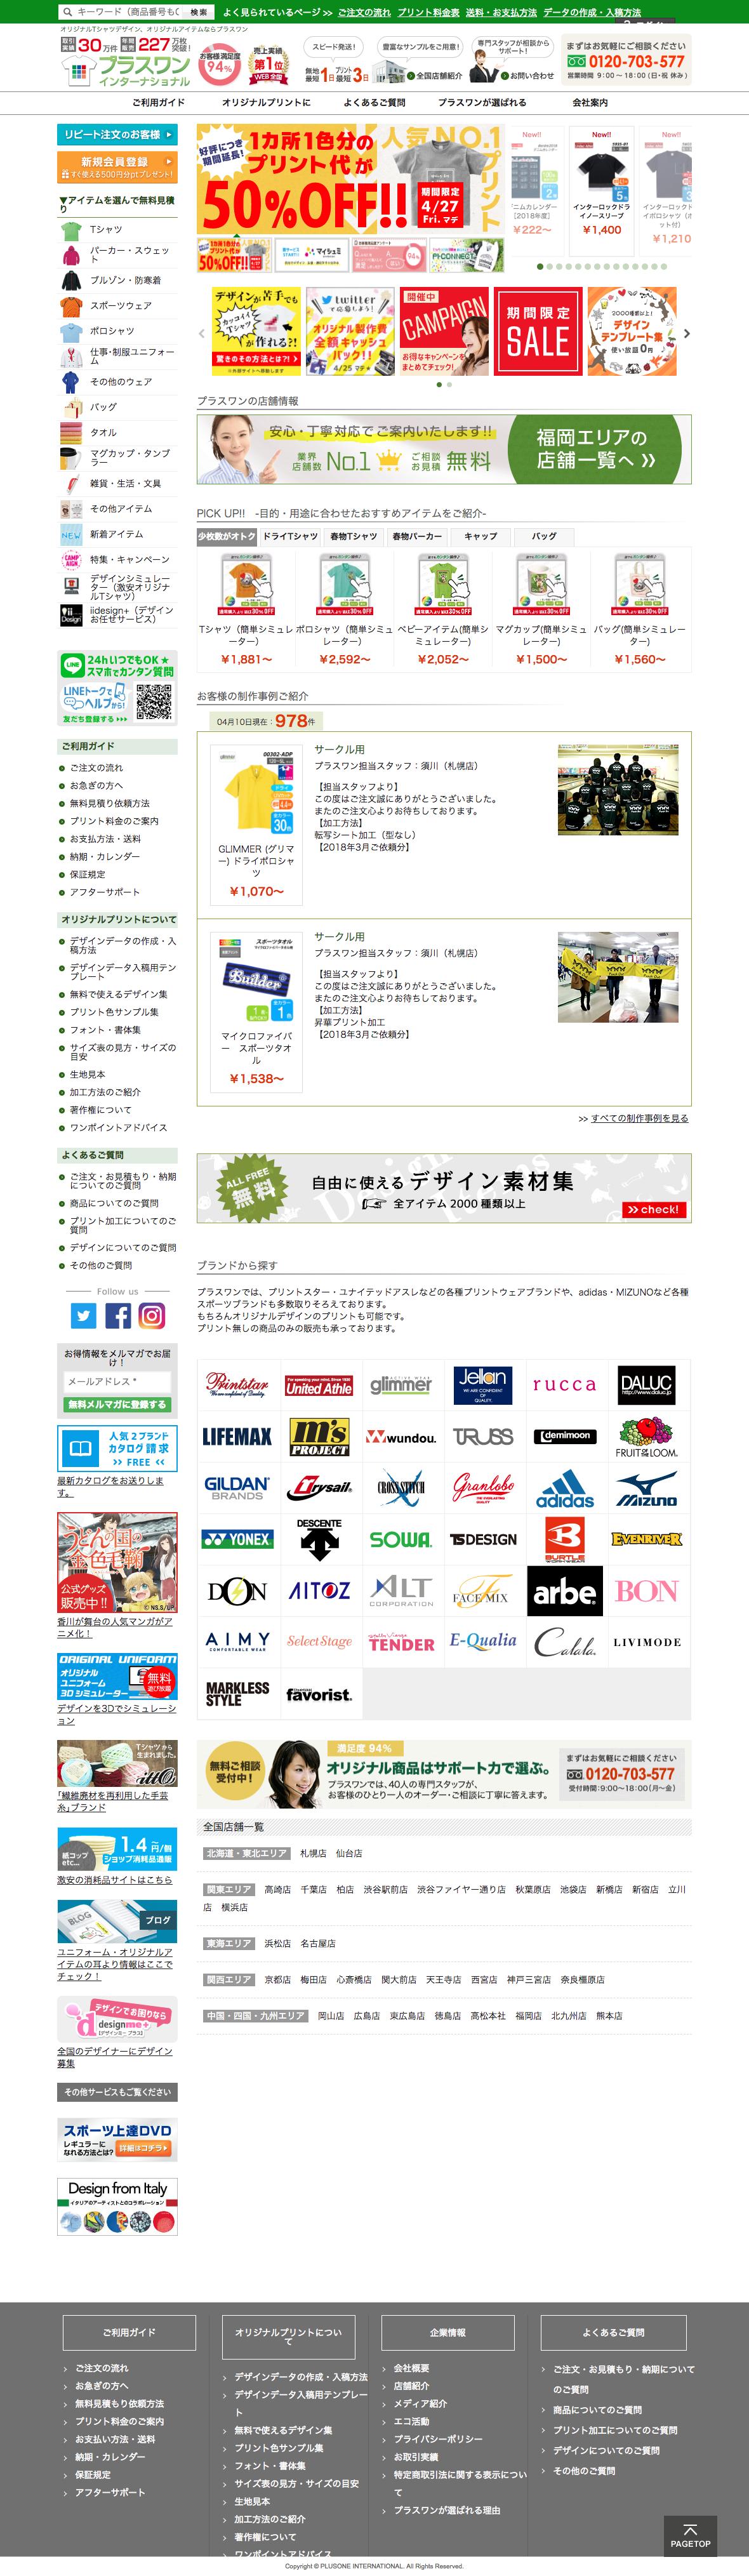 オリジナルTシャツデザイン・プリント【プラスワン】日本全国販売実績NO.1!!